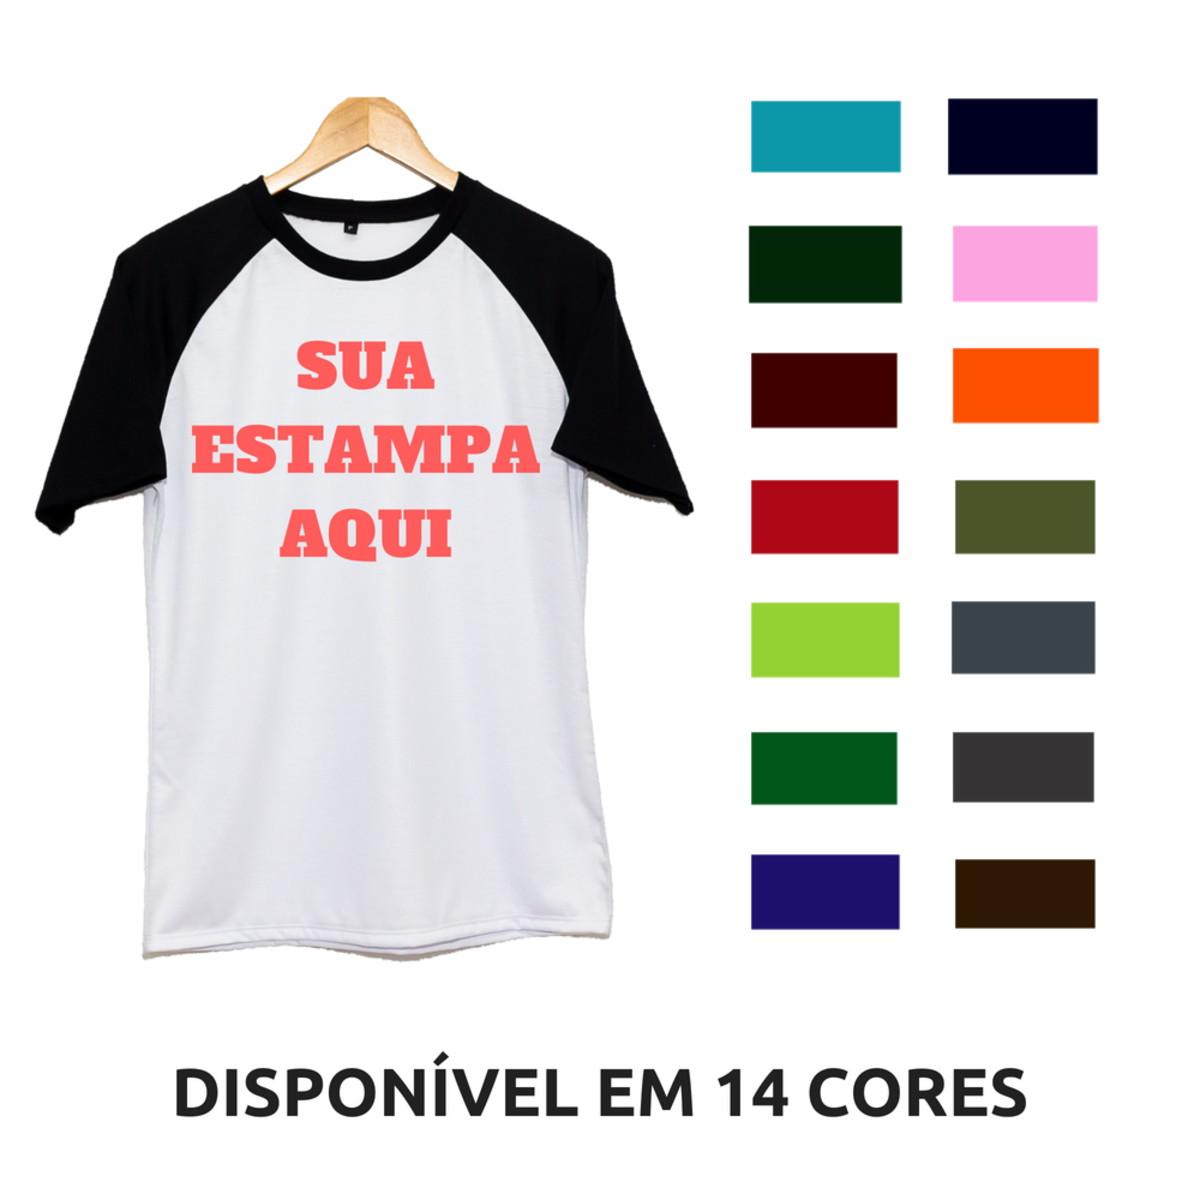 a61b6f8817456 Camiseta Raglan Sua Estampa Aqui Manga Curta Personalizada no Elo7 ...